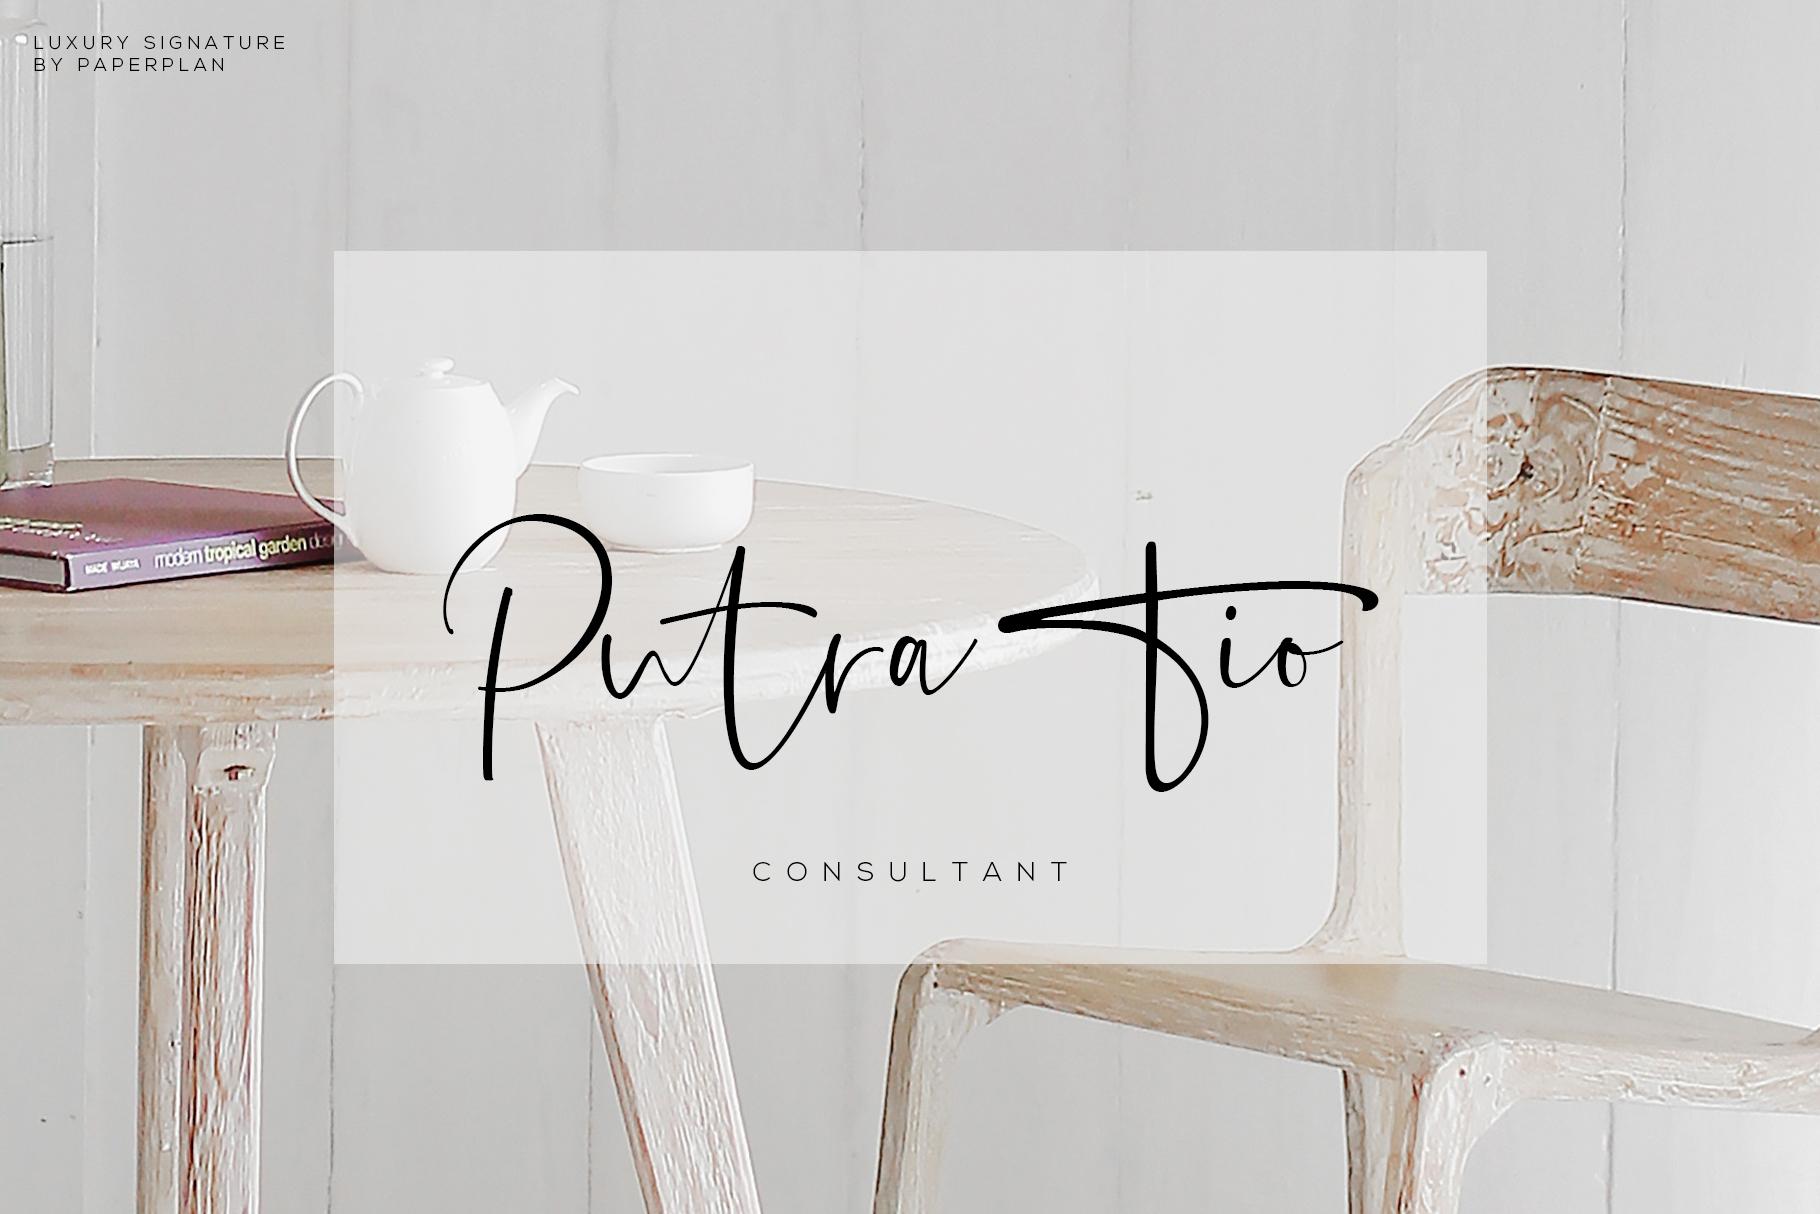 Sontiro - Stylish Signature Font example image 3